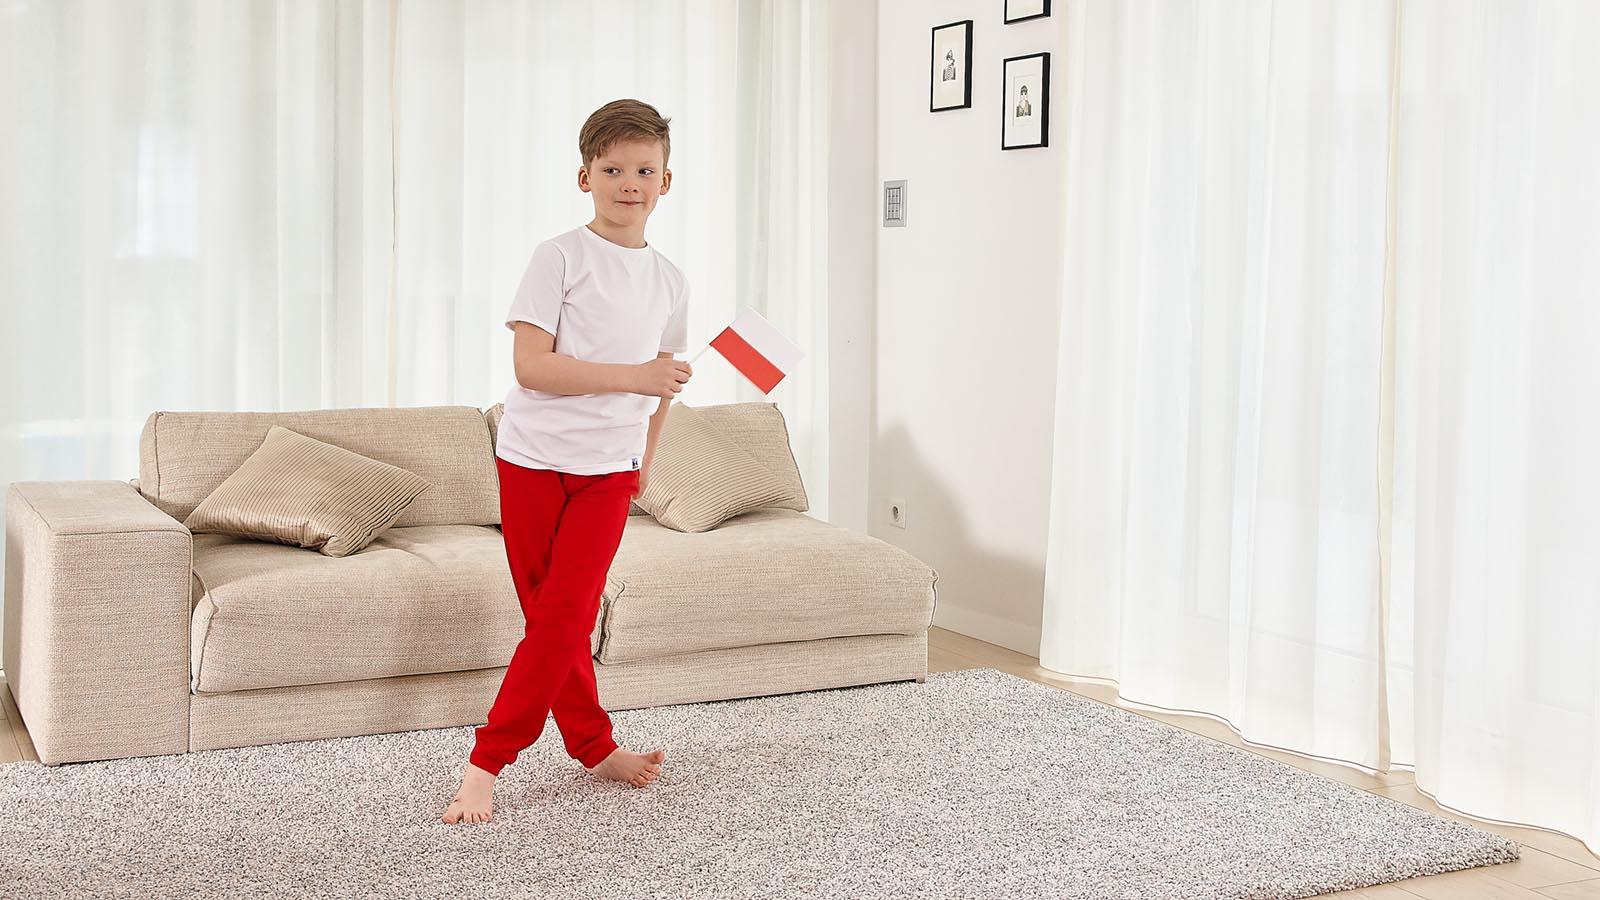 chłopiec w kolorowych ubraniach